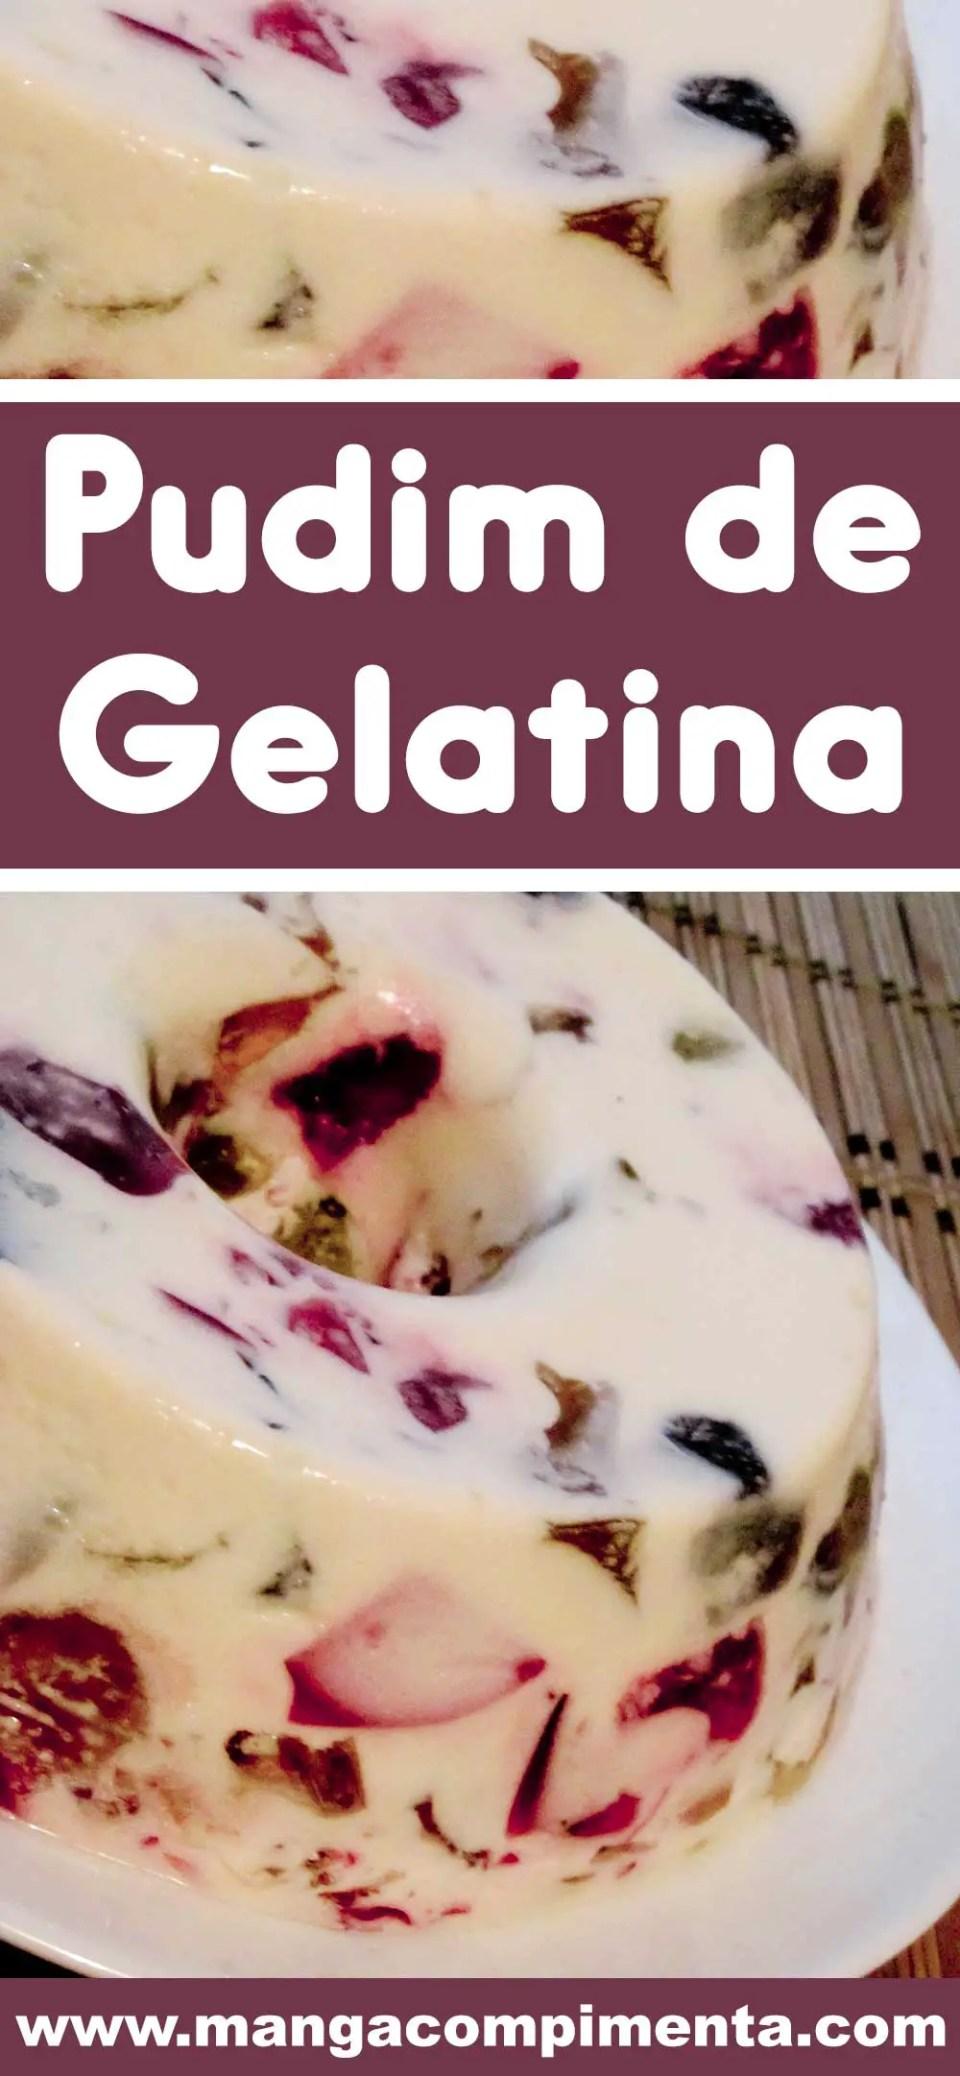 Receita de Pudim de Gelatina - uma sobremesa econômica e fácil de fazer para os dias de festa.